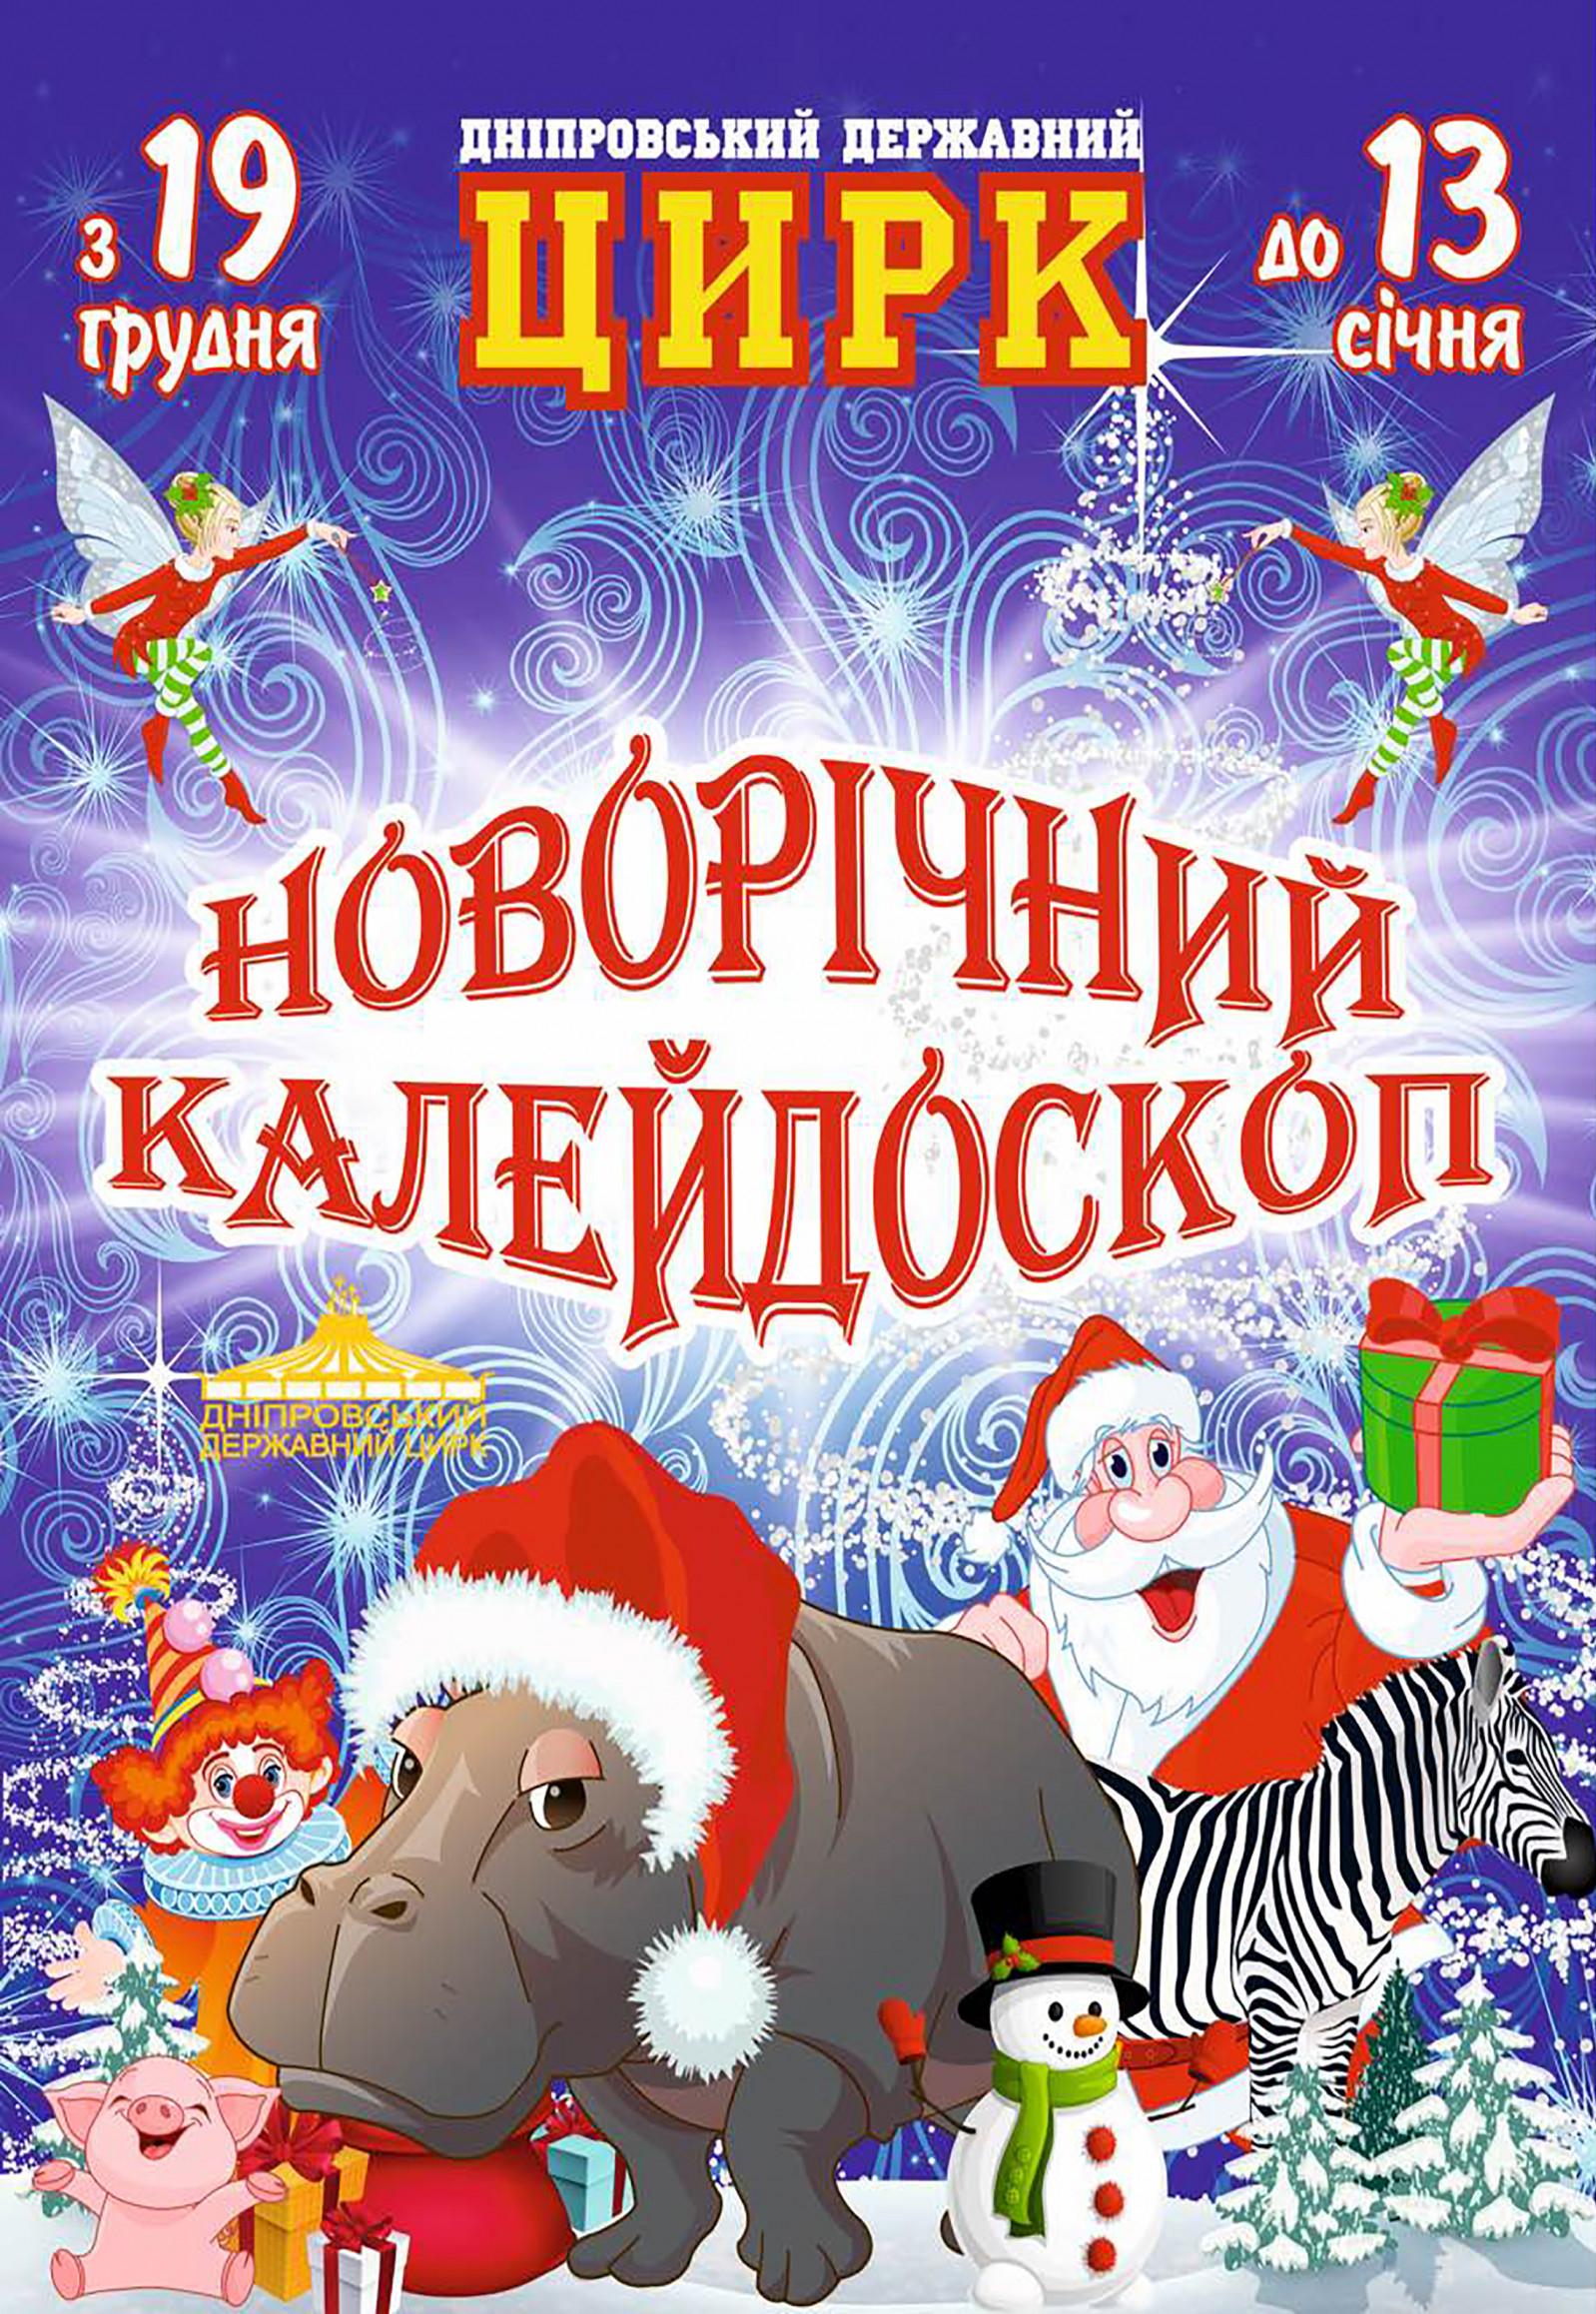 Где купить билет в цирк детская афишу театра глобус